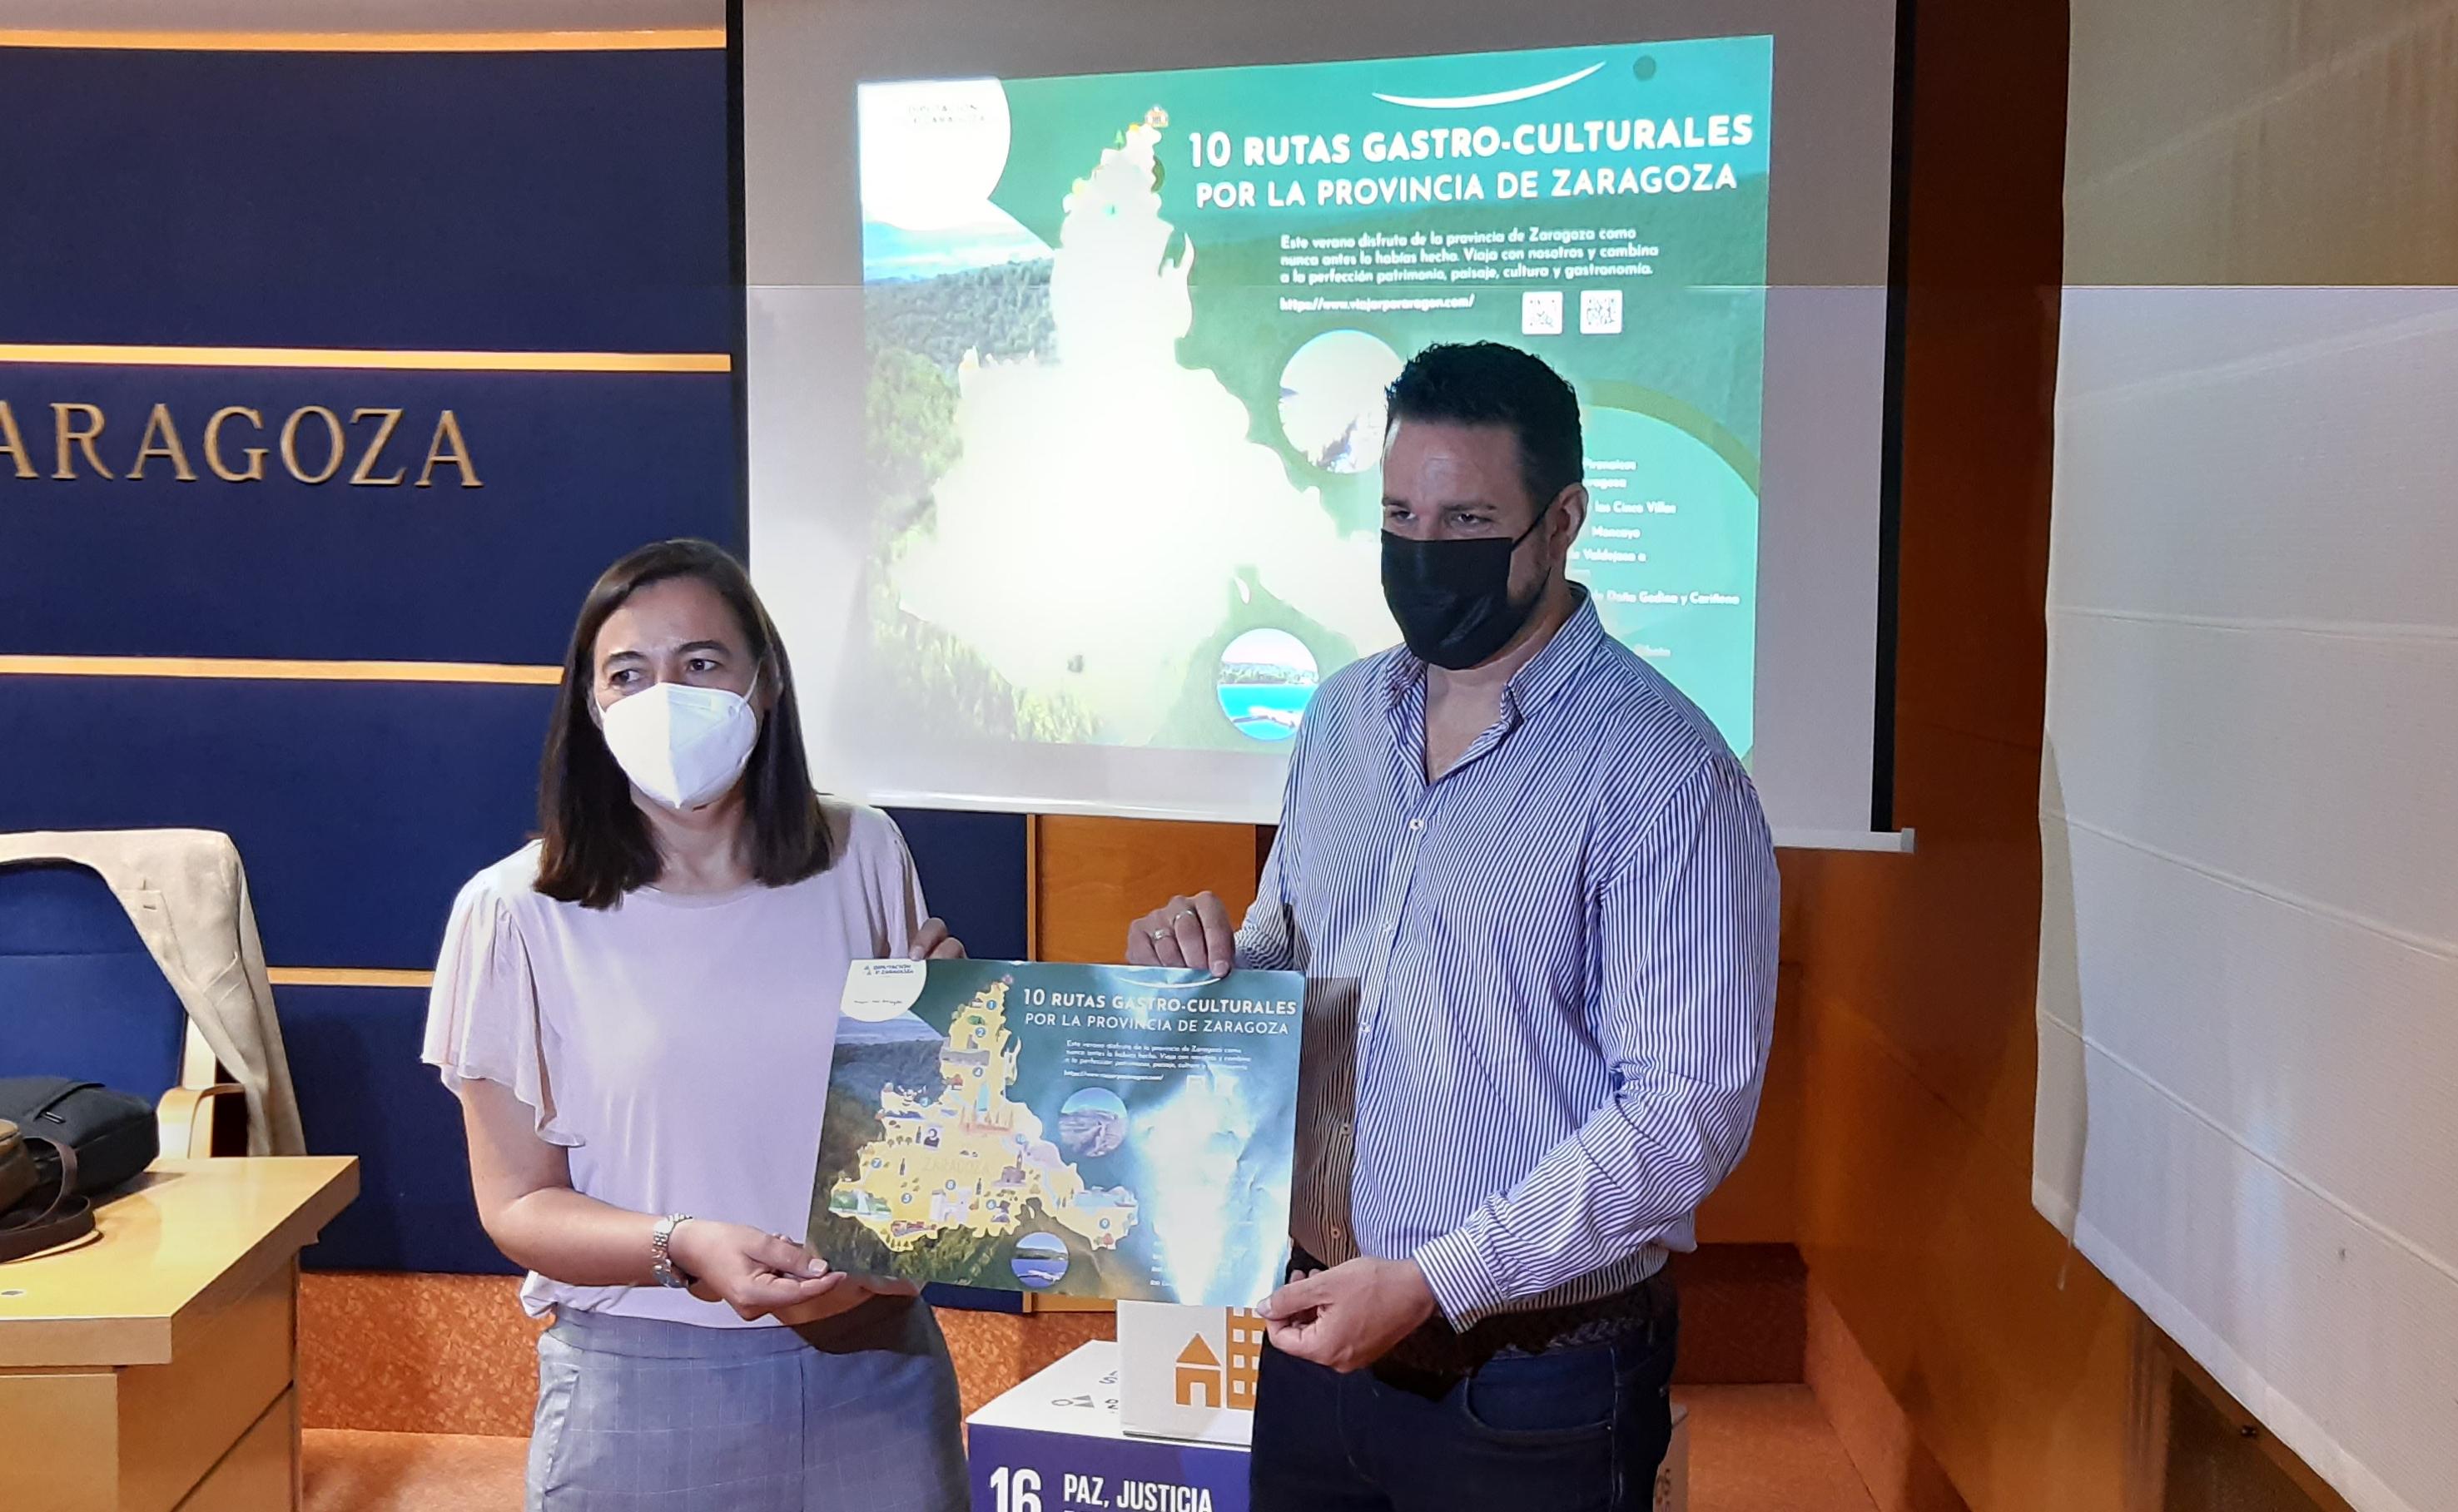 La DPZ organiza 10 rutas gastro-culturales para acercar los atractivos turísticos de la provincia de Zaragoza